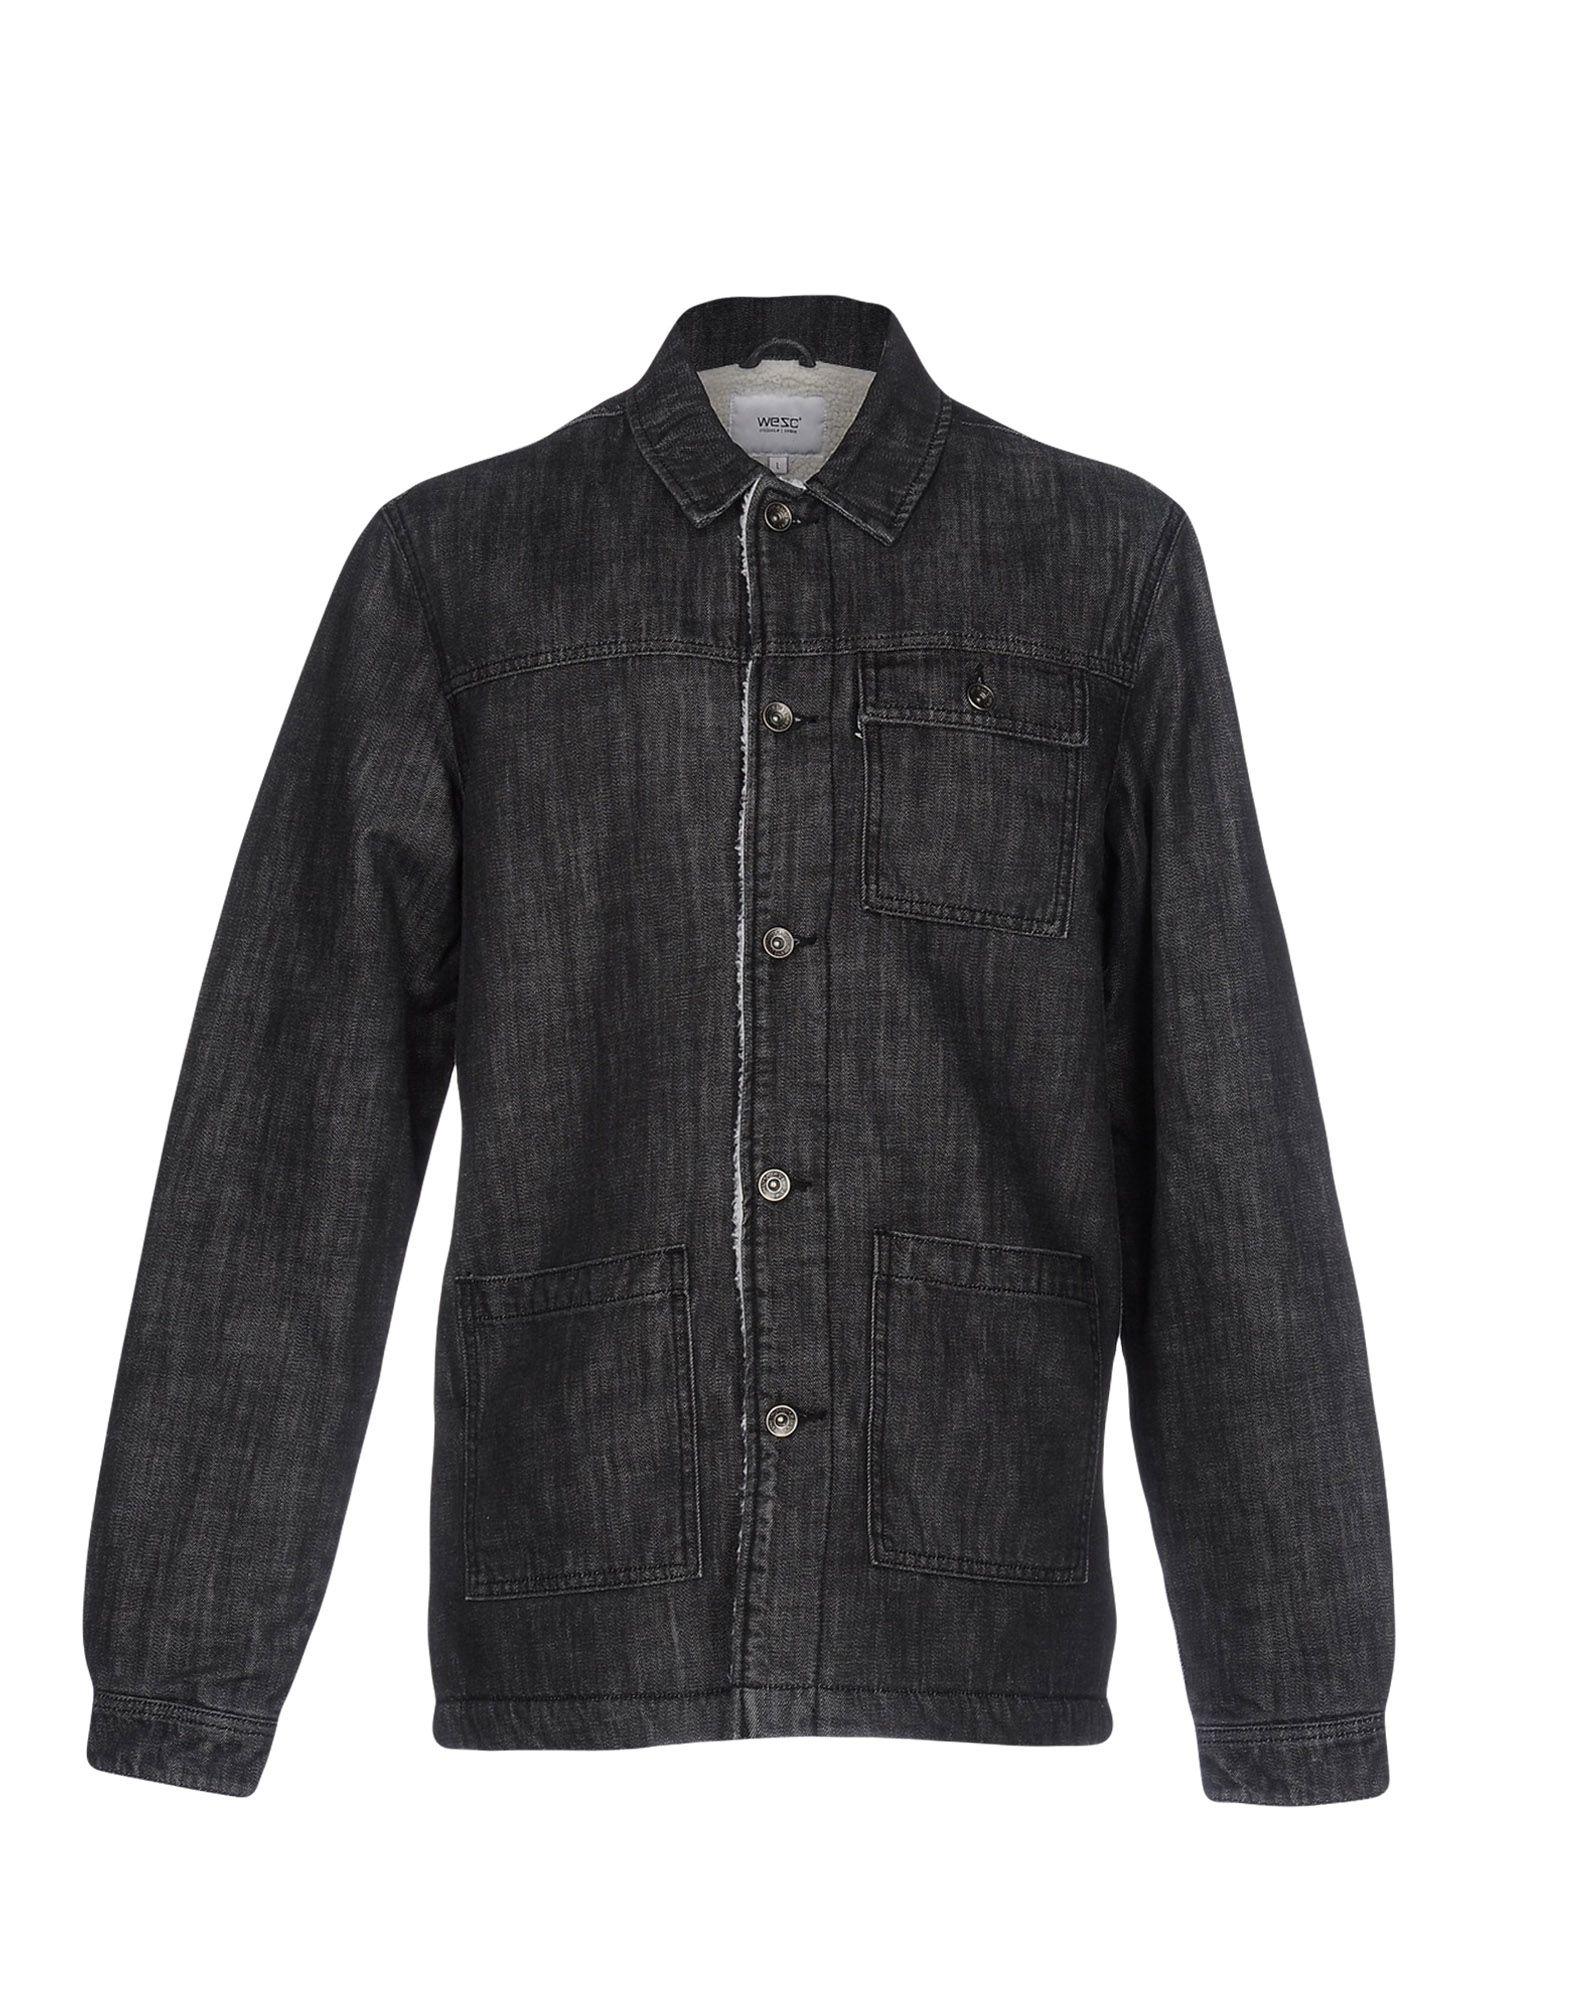 купить WESC Джинсовая верхняя одежда дешево